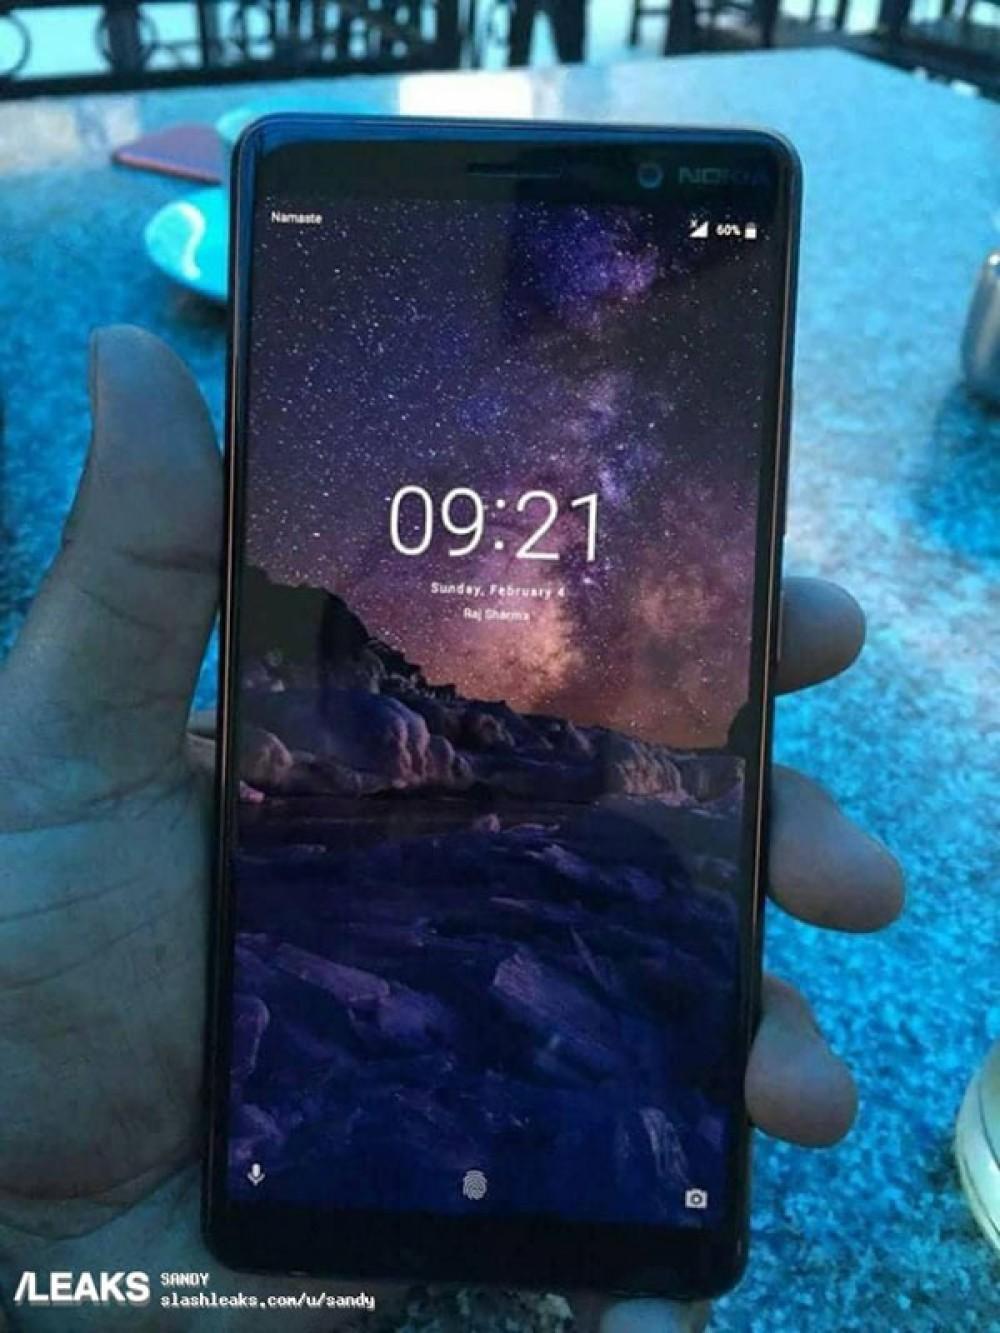 Nokia 7 Plus: Πραγματική φωτογραφία επιβεβαιώνει bezel-less οθόνη 18:9 και καμπυλωτές γωνίες